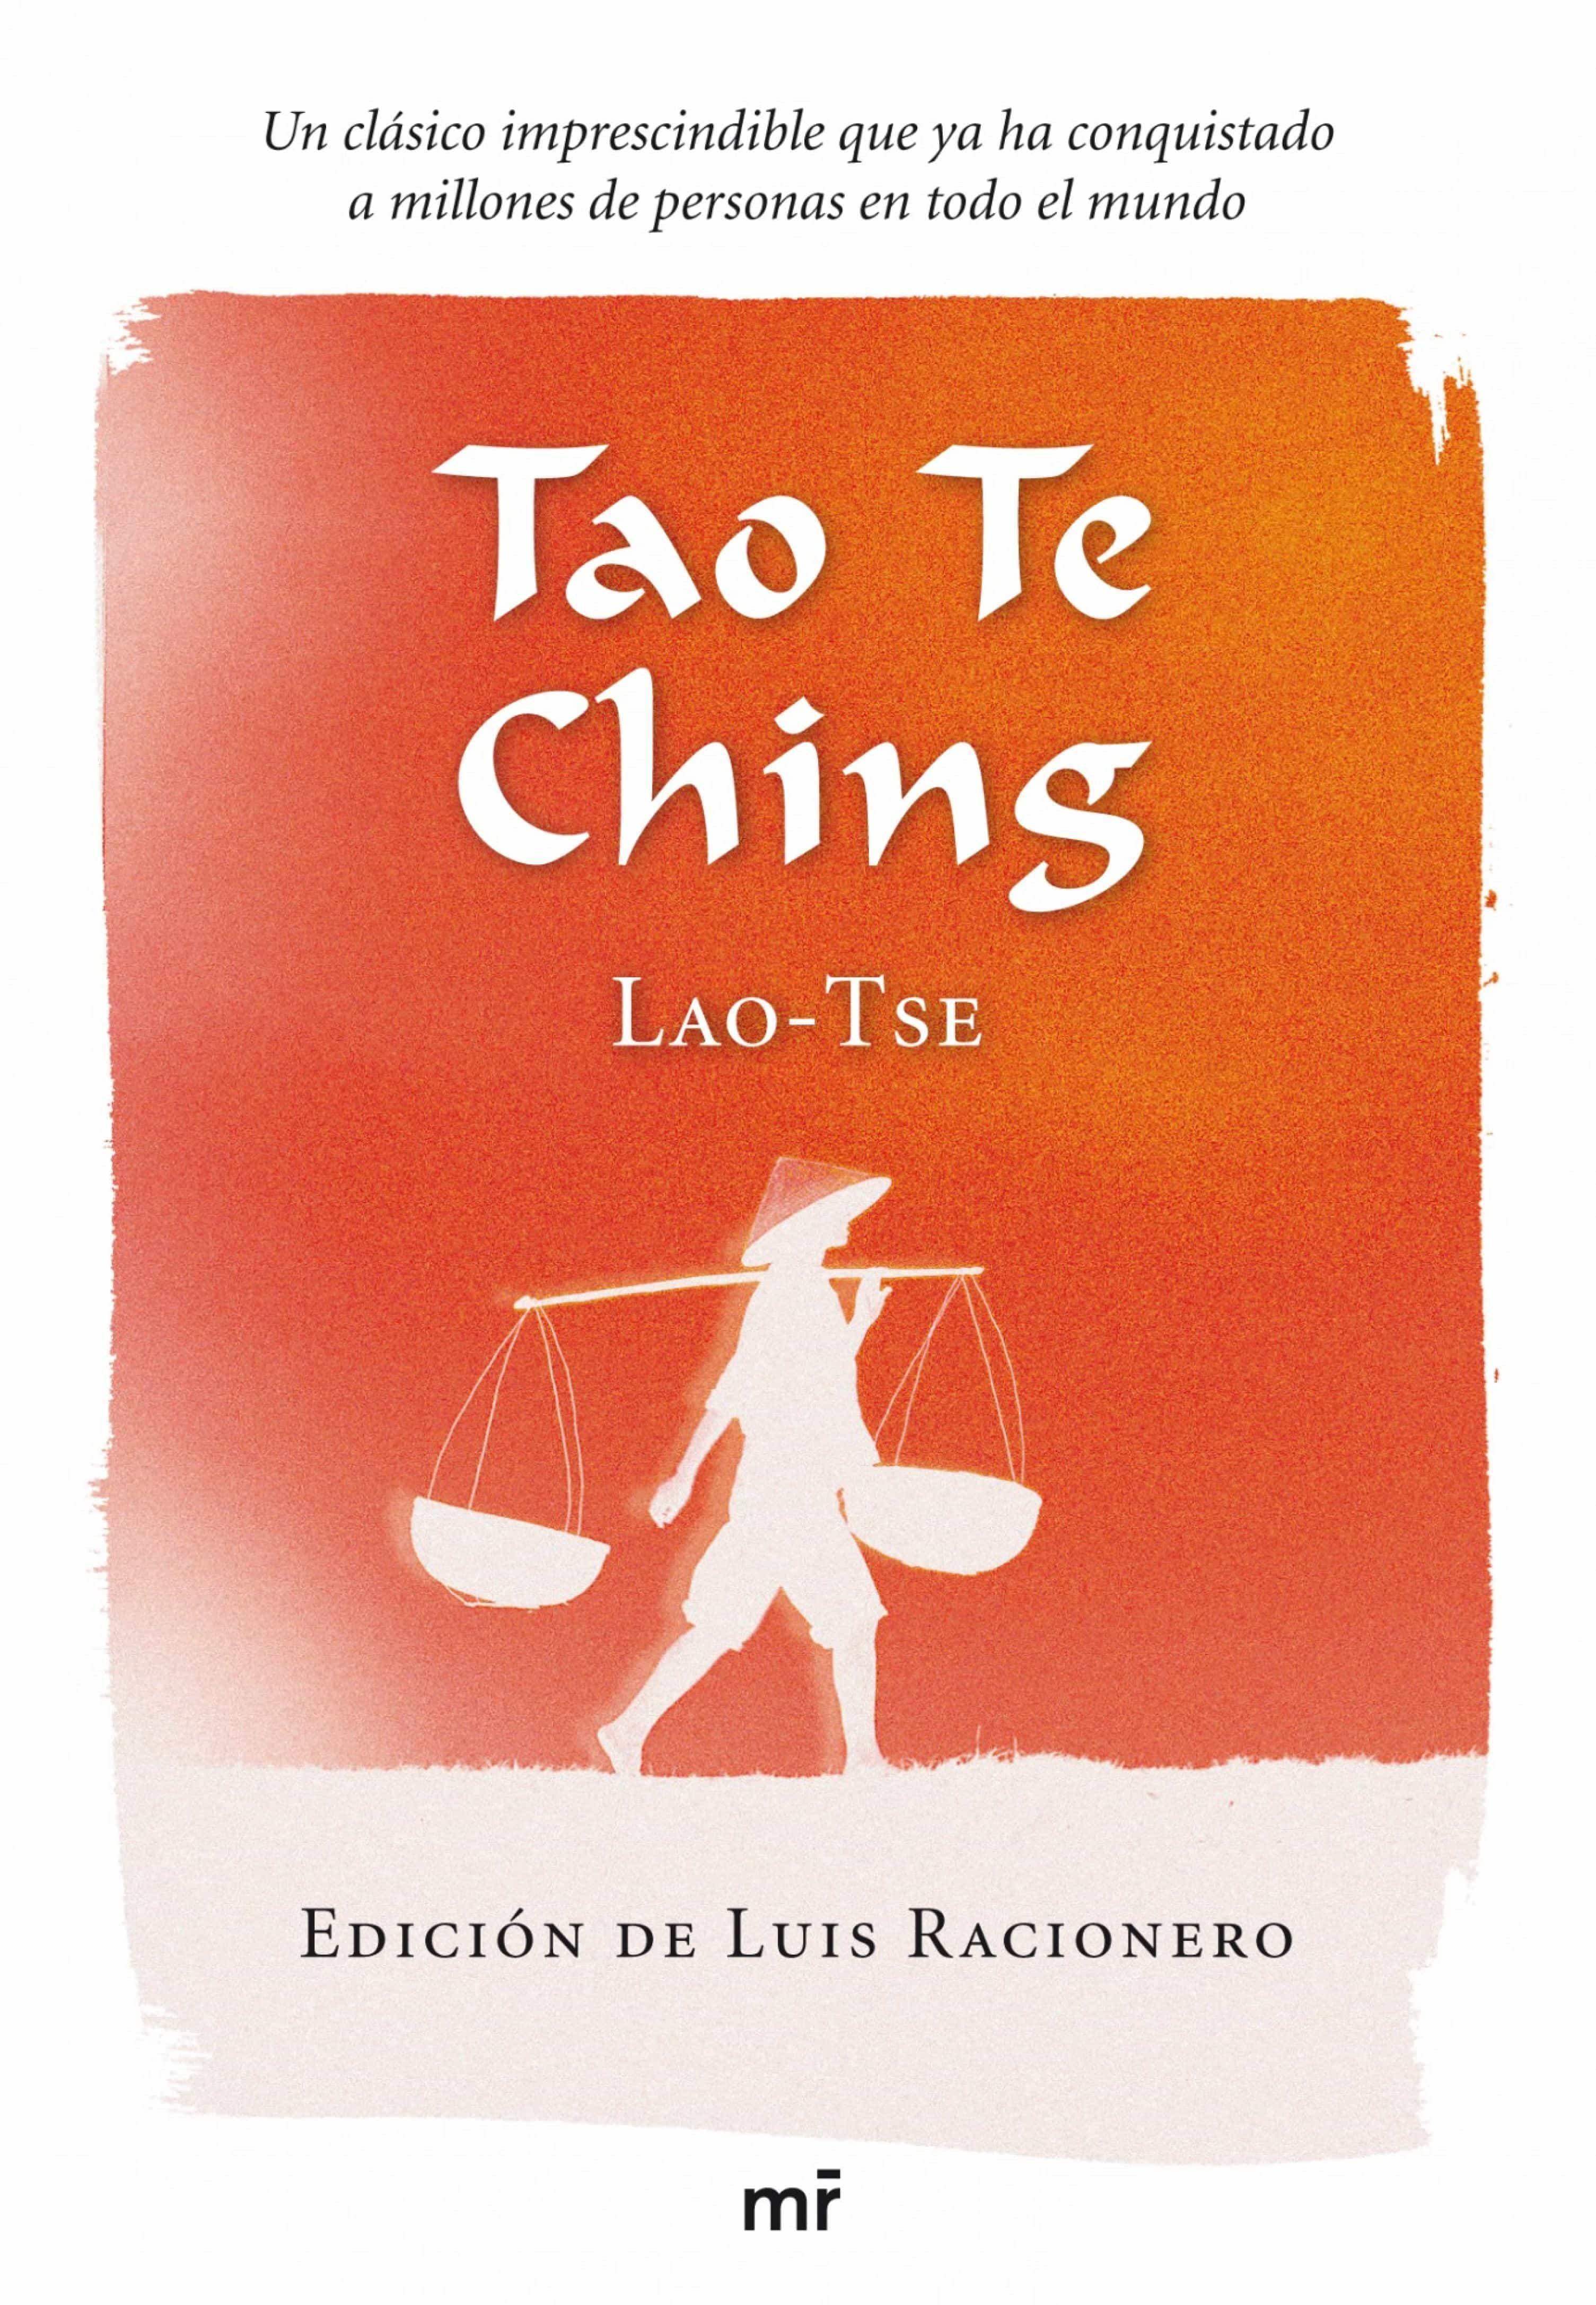 Manual de estructuras ilustrado ebook | francis d. K. Ching.